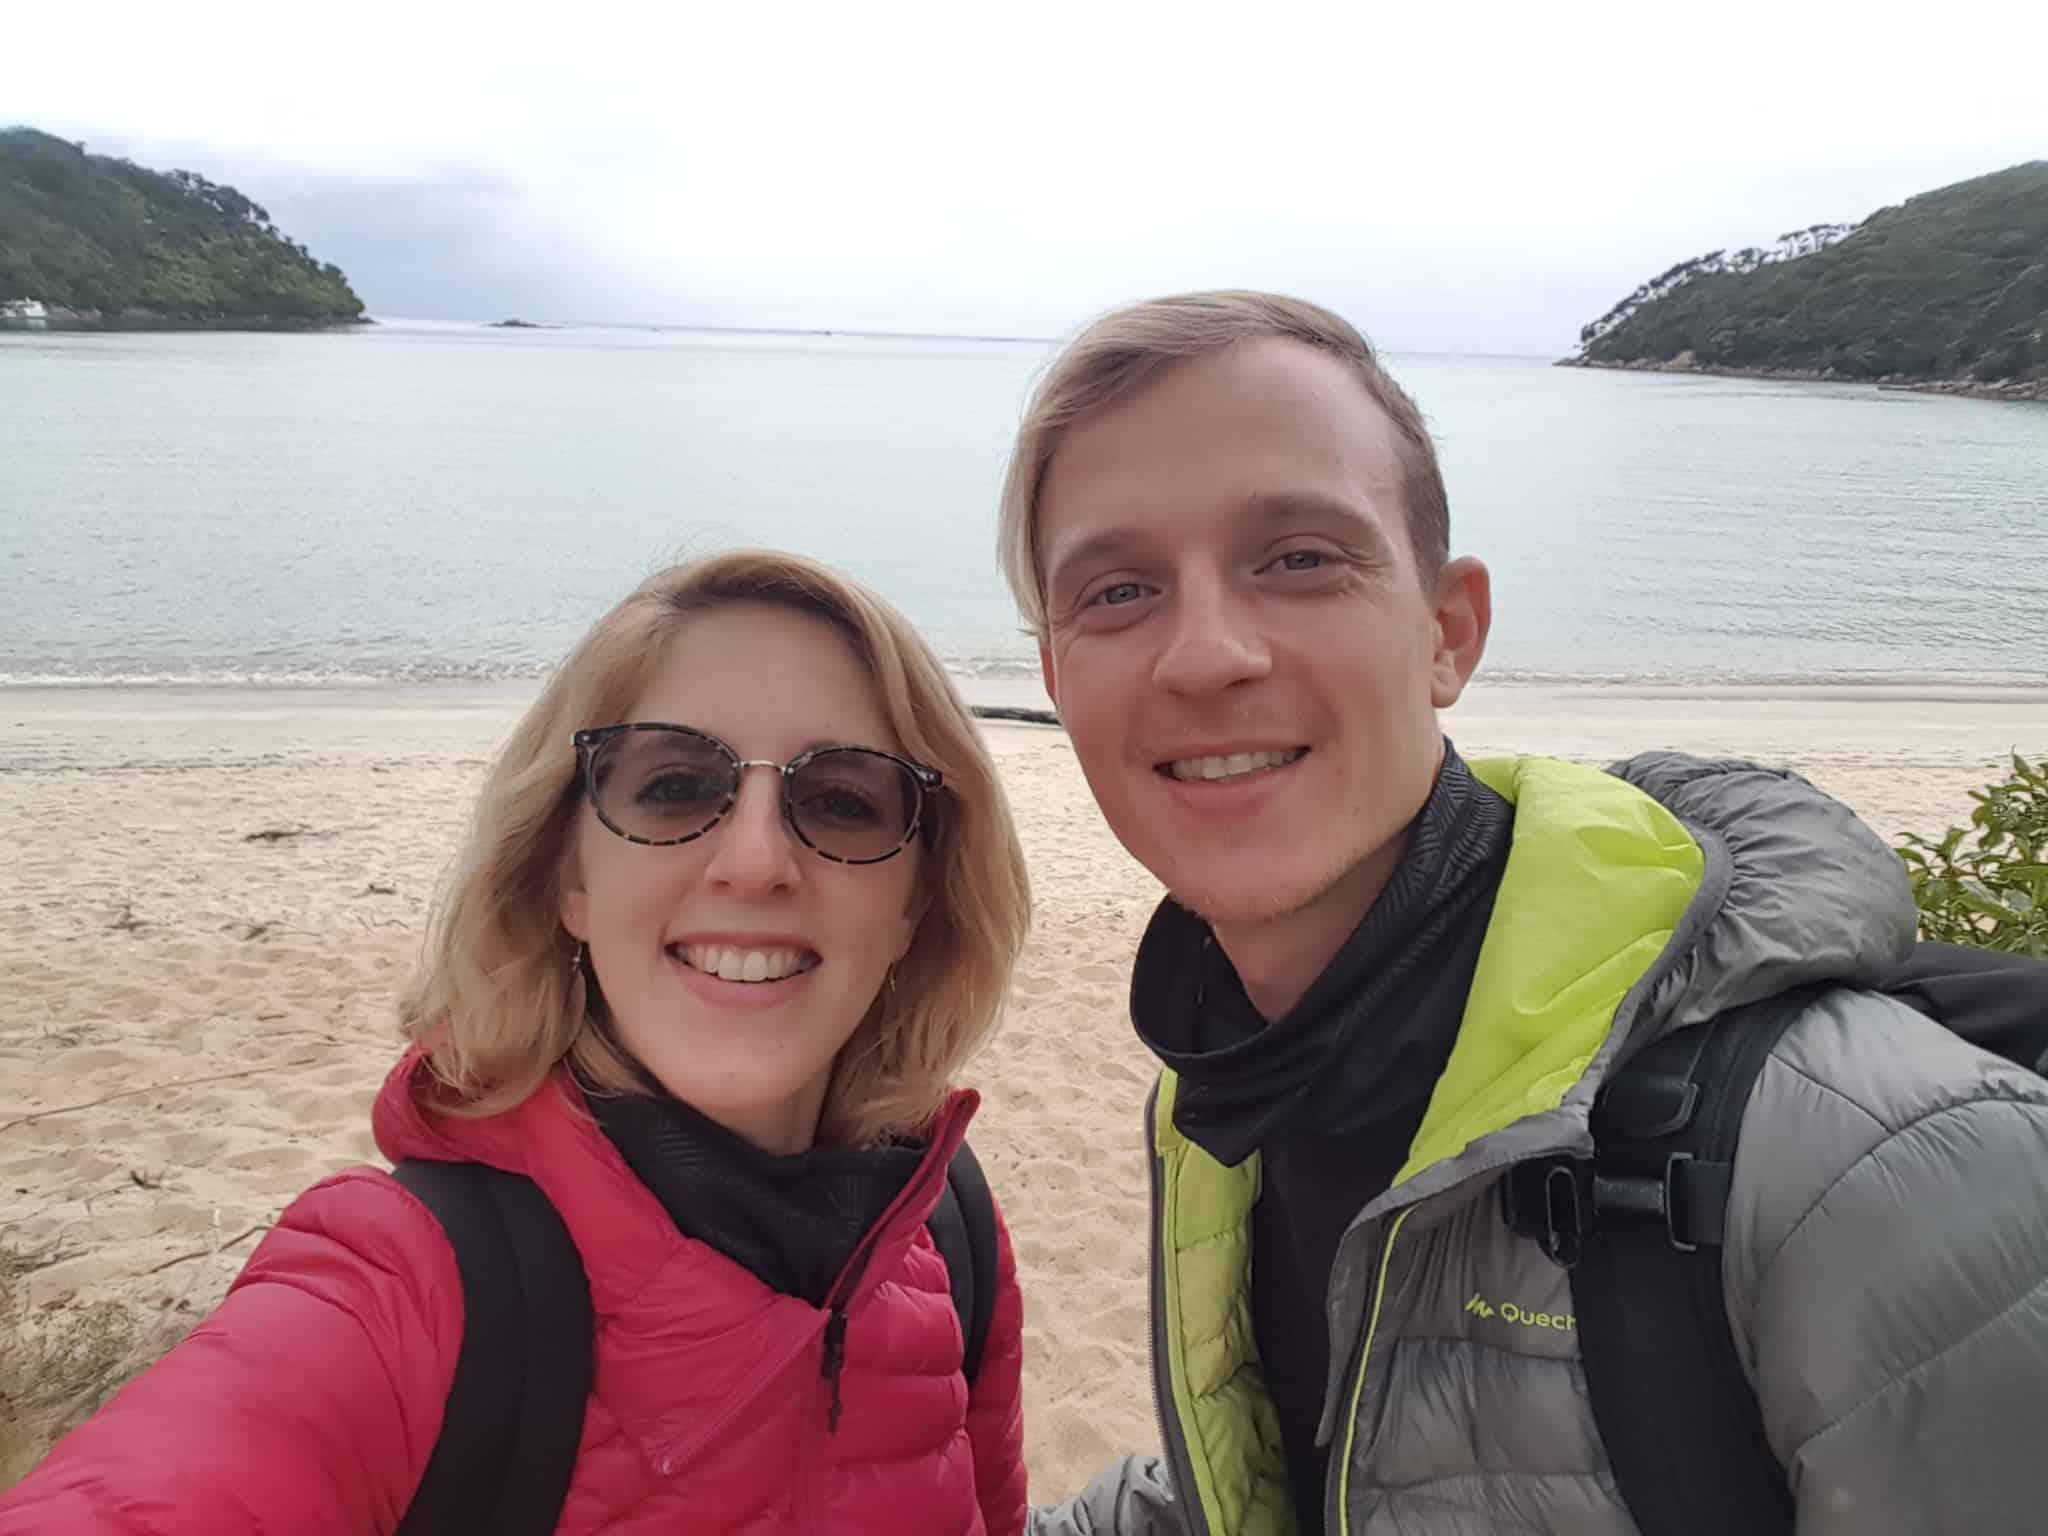 Nouvelle-Zélande, 24 km de randonnée sous la pluie dans le parc d'Abel Tasman 🌧 9